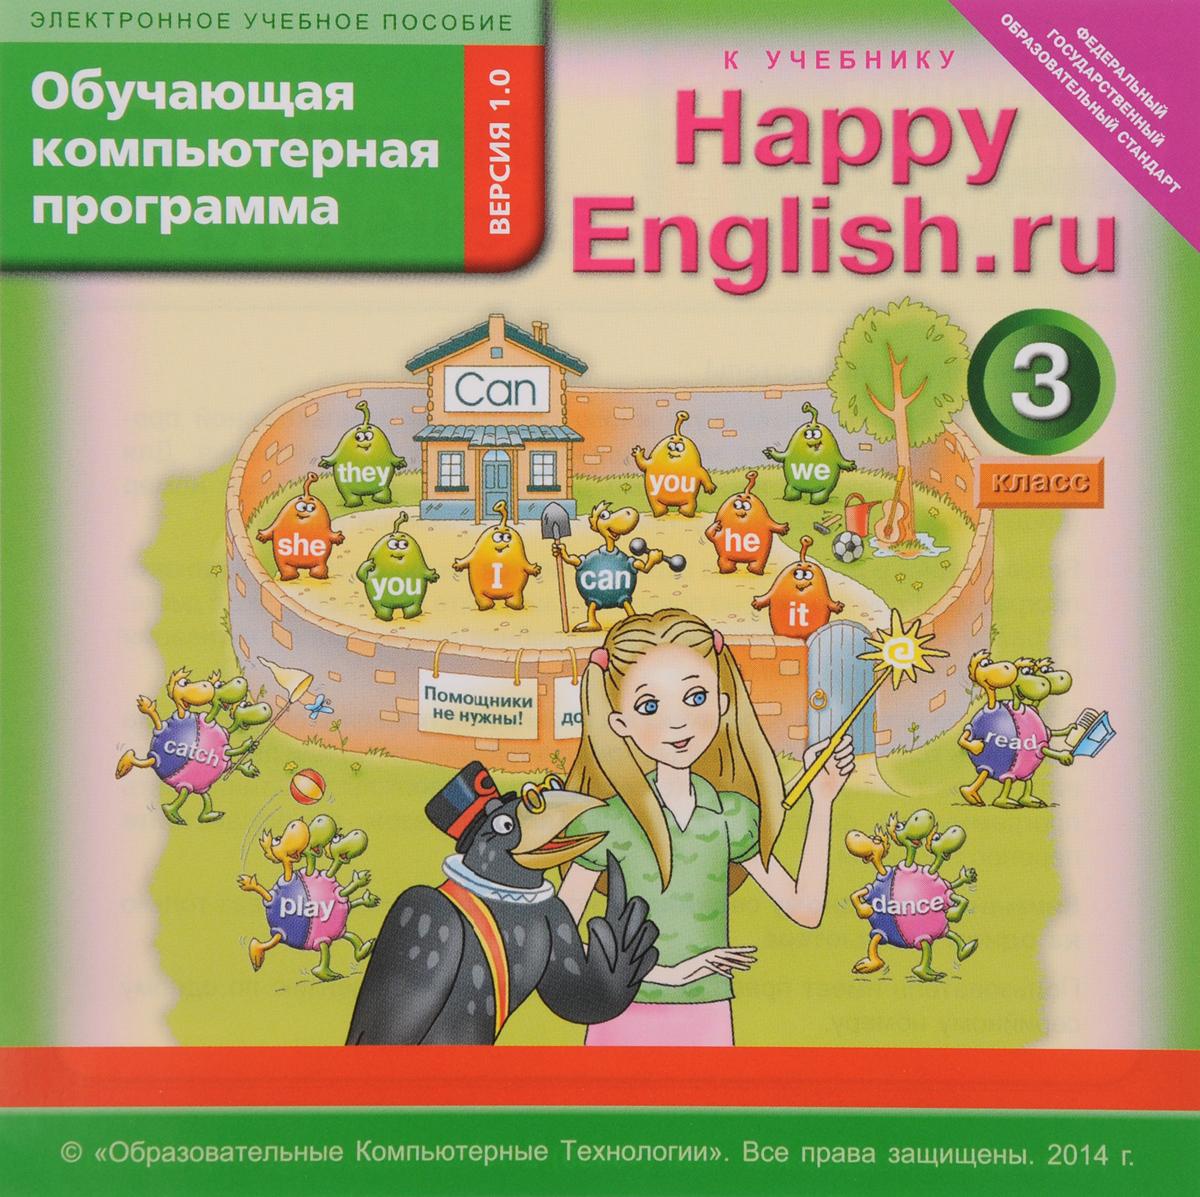 Программа английского языка для 3 лет